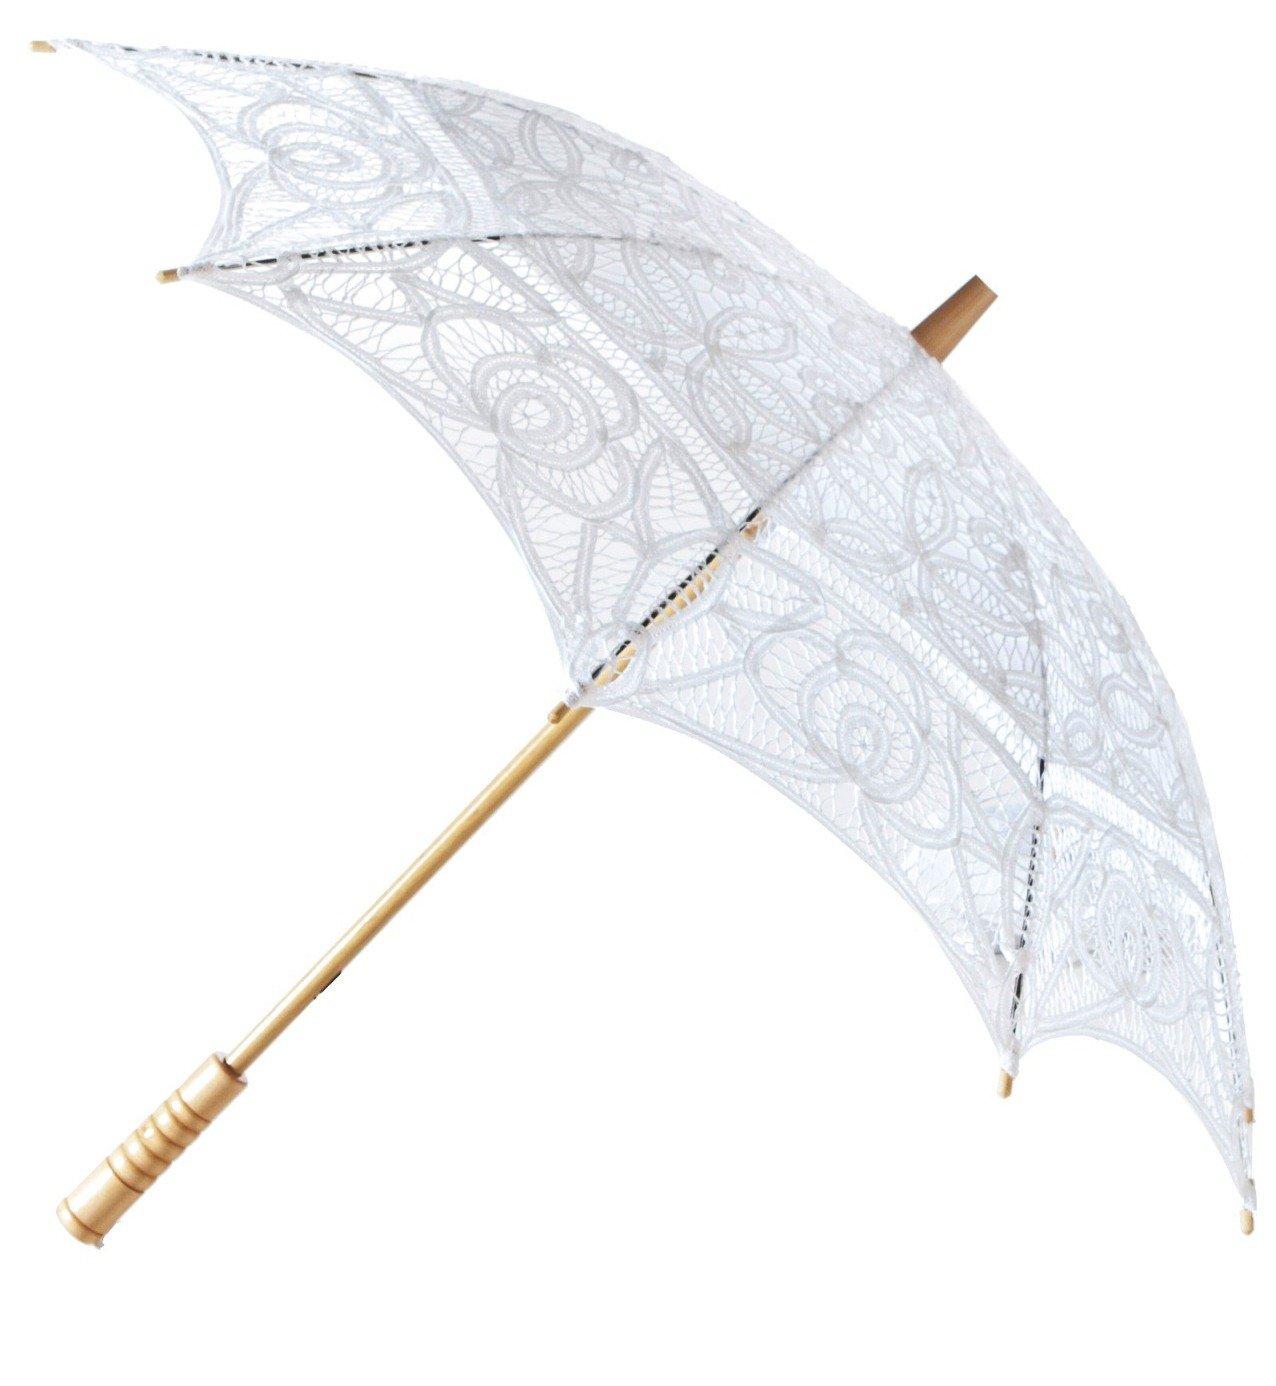 The 1 for Vintage Batternburg Lace Parasol 8 Colors (White)